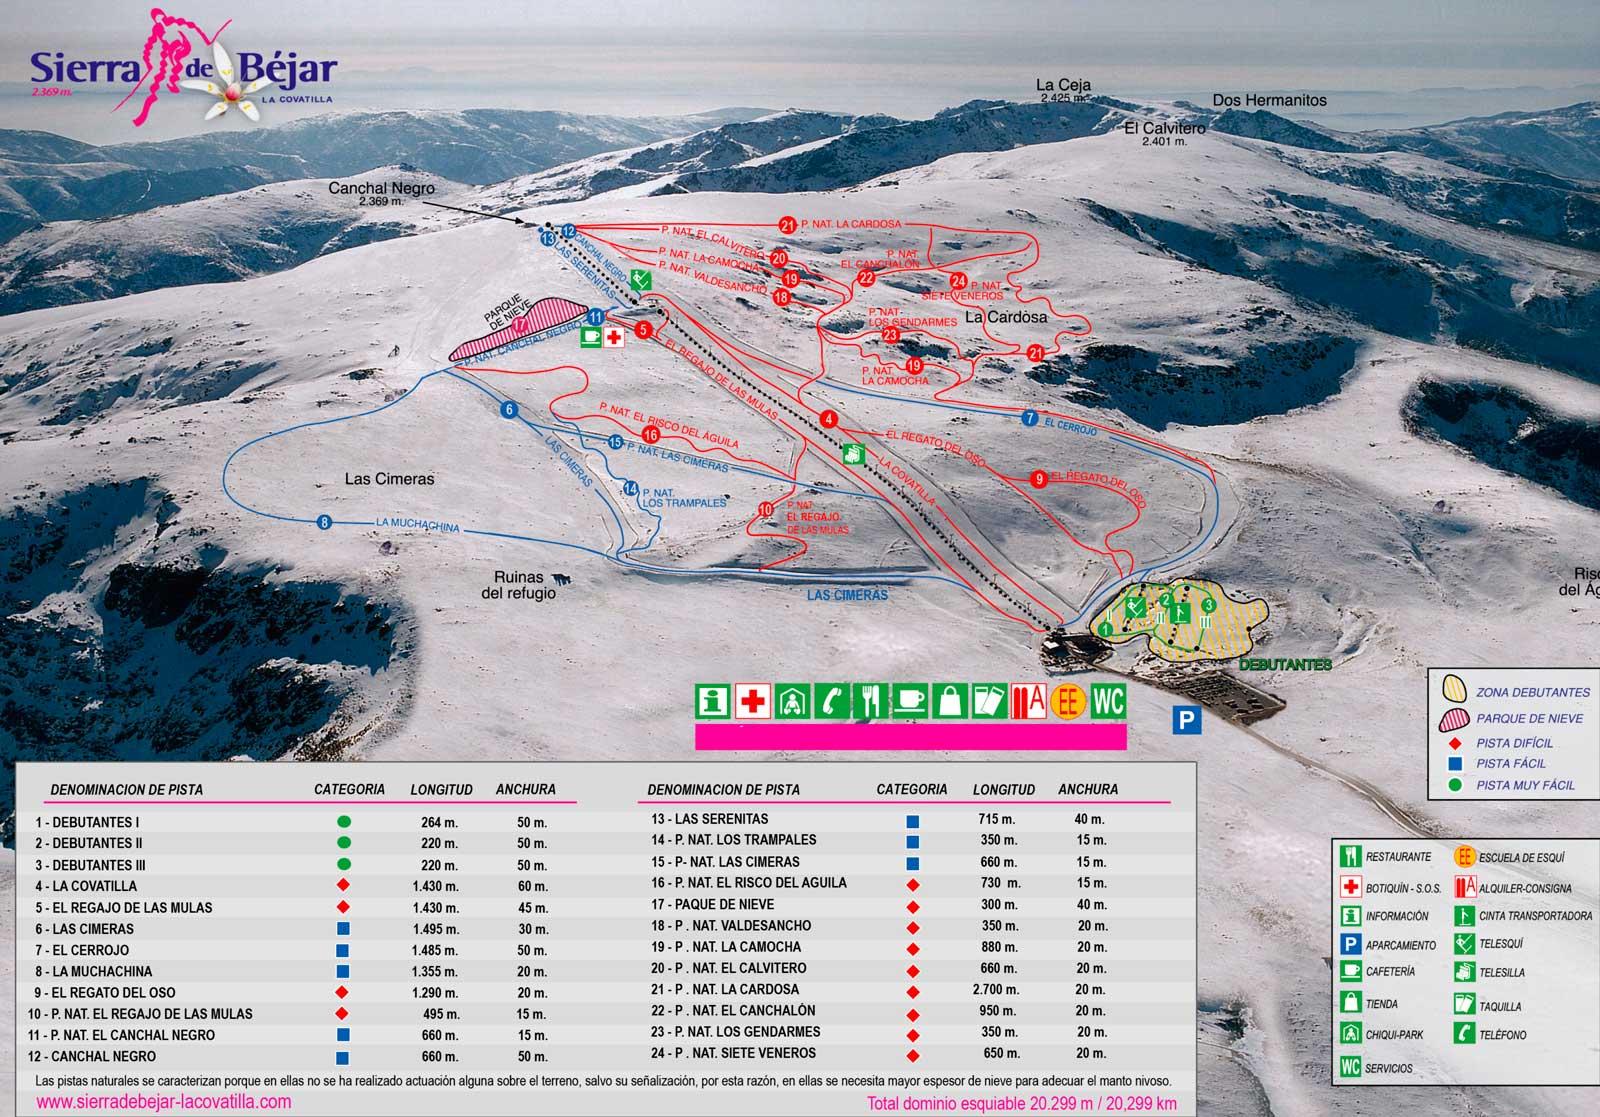 La Covatilla Trail map